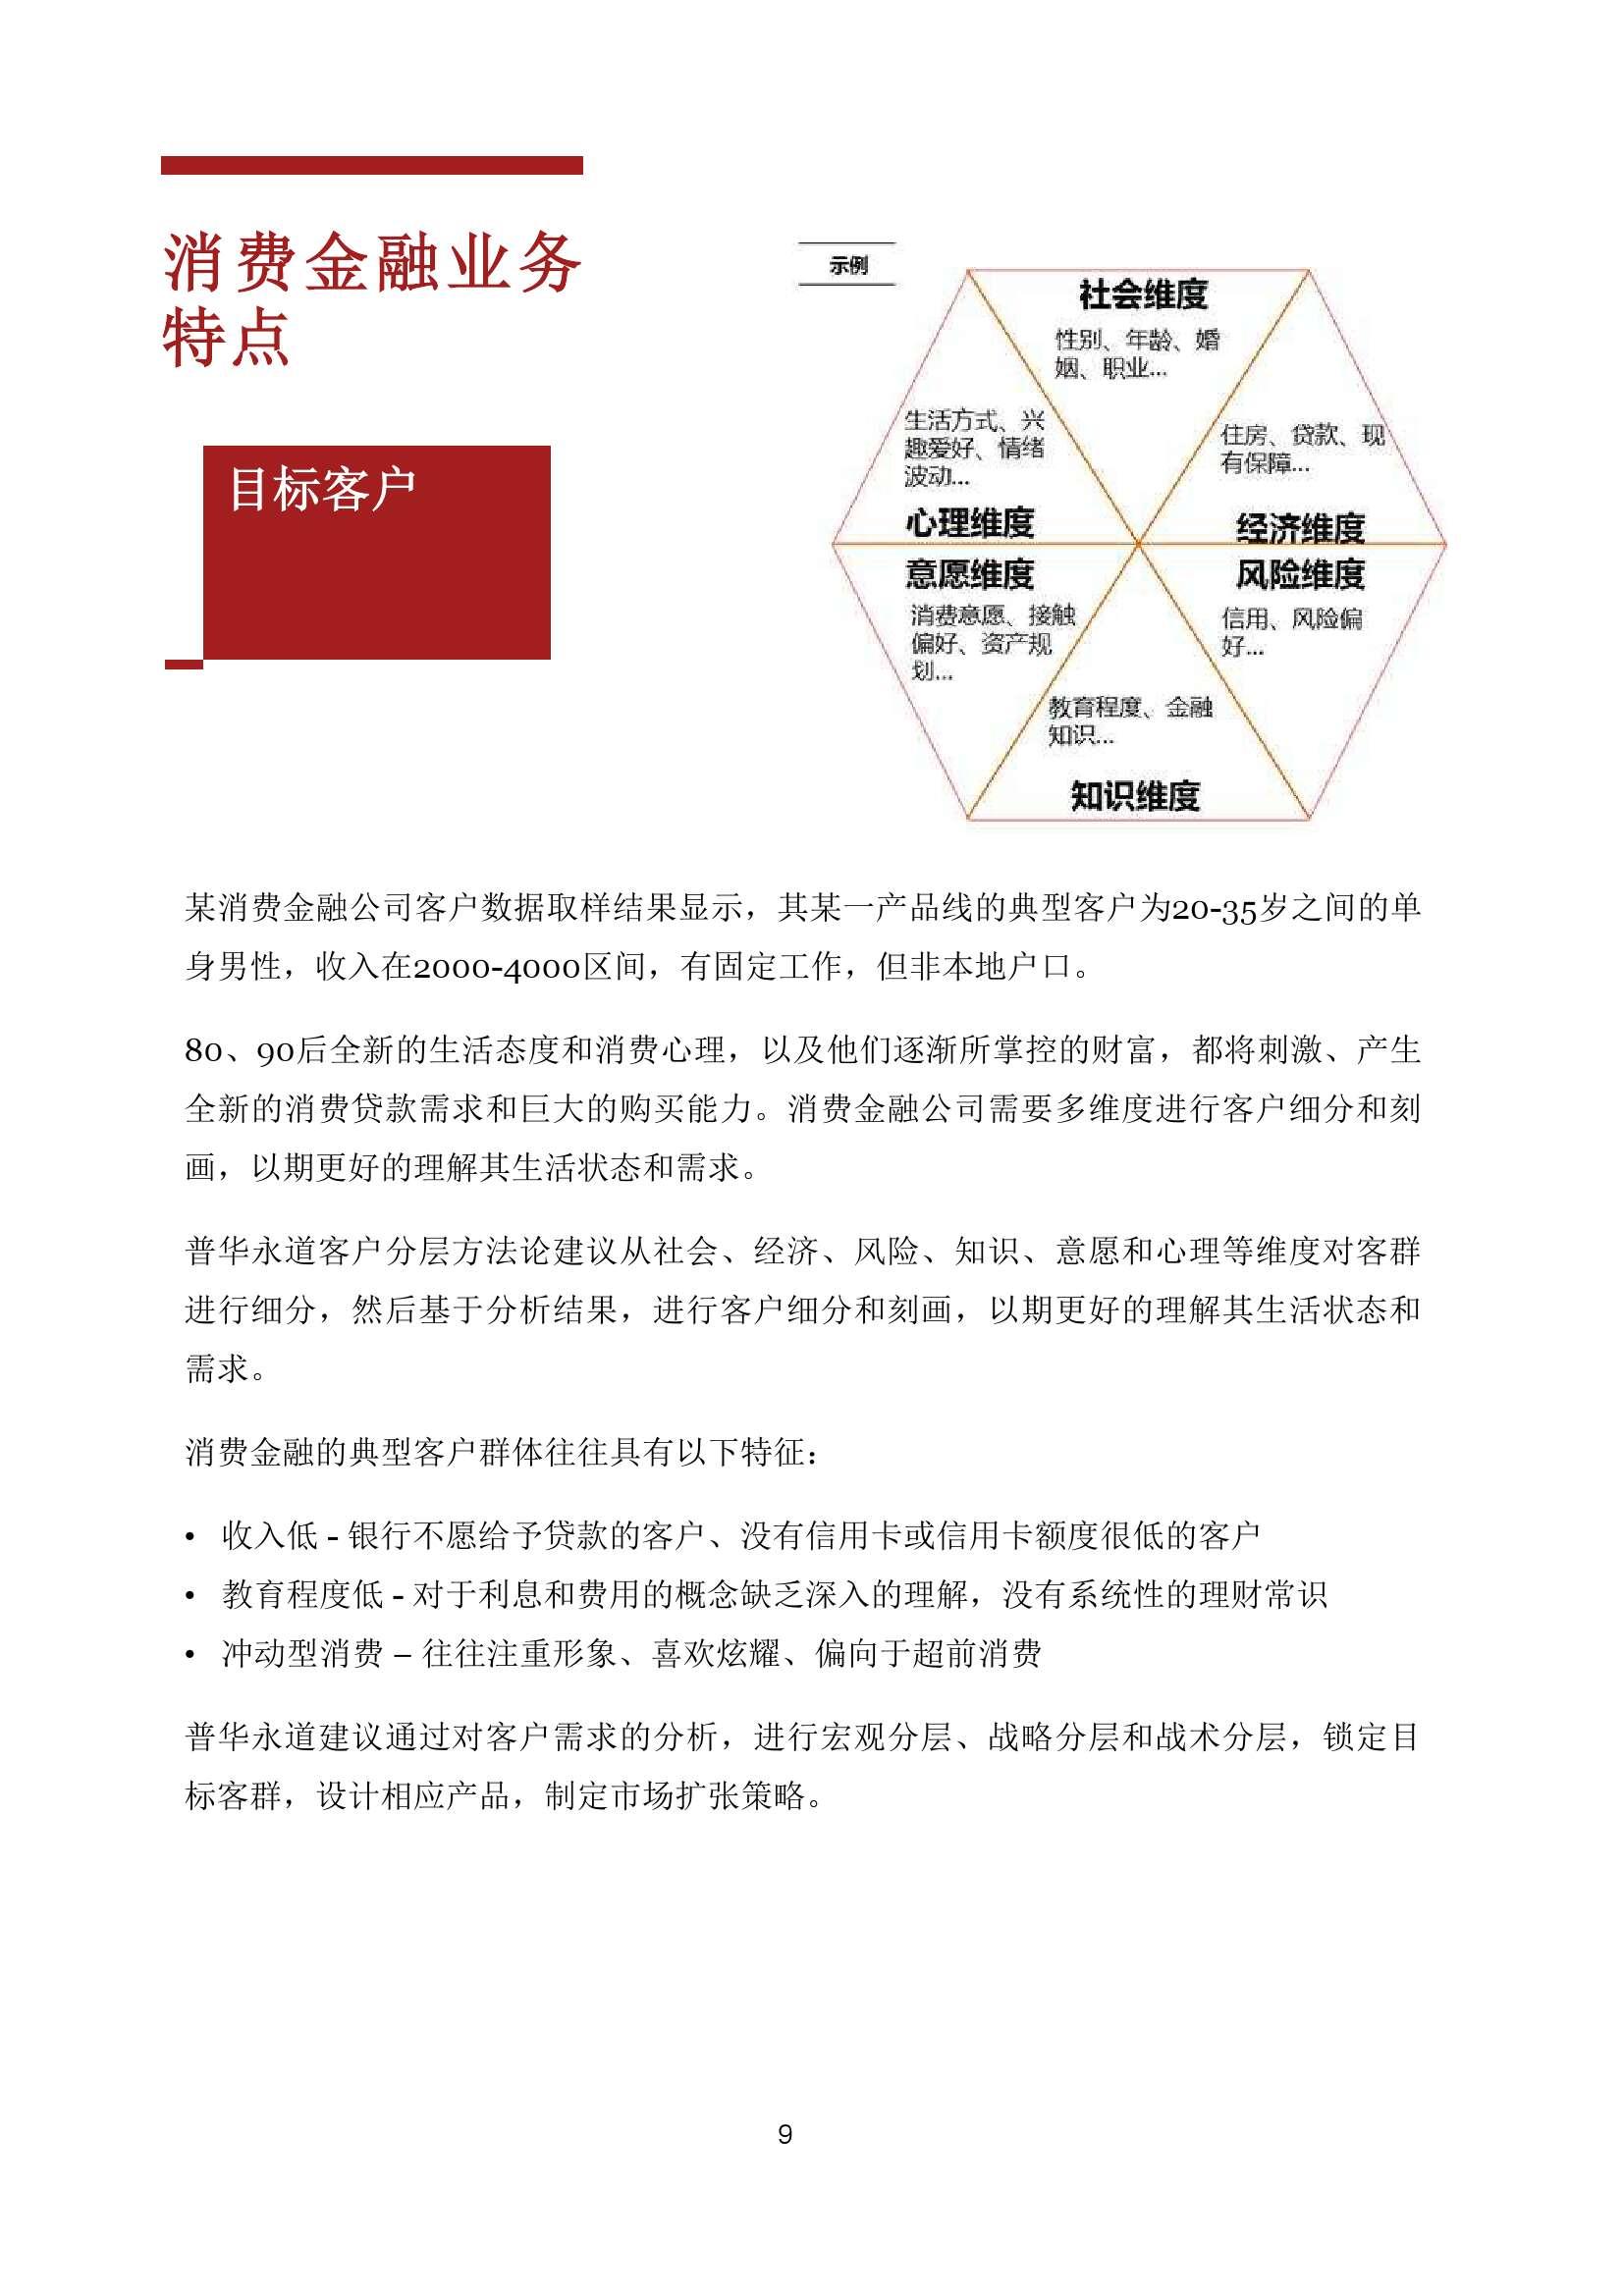 中国零售银行的蓝海_000009